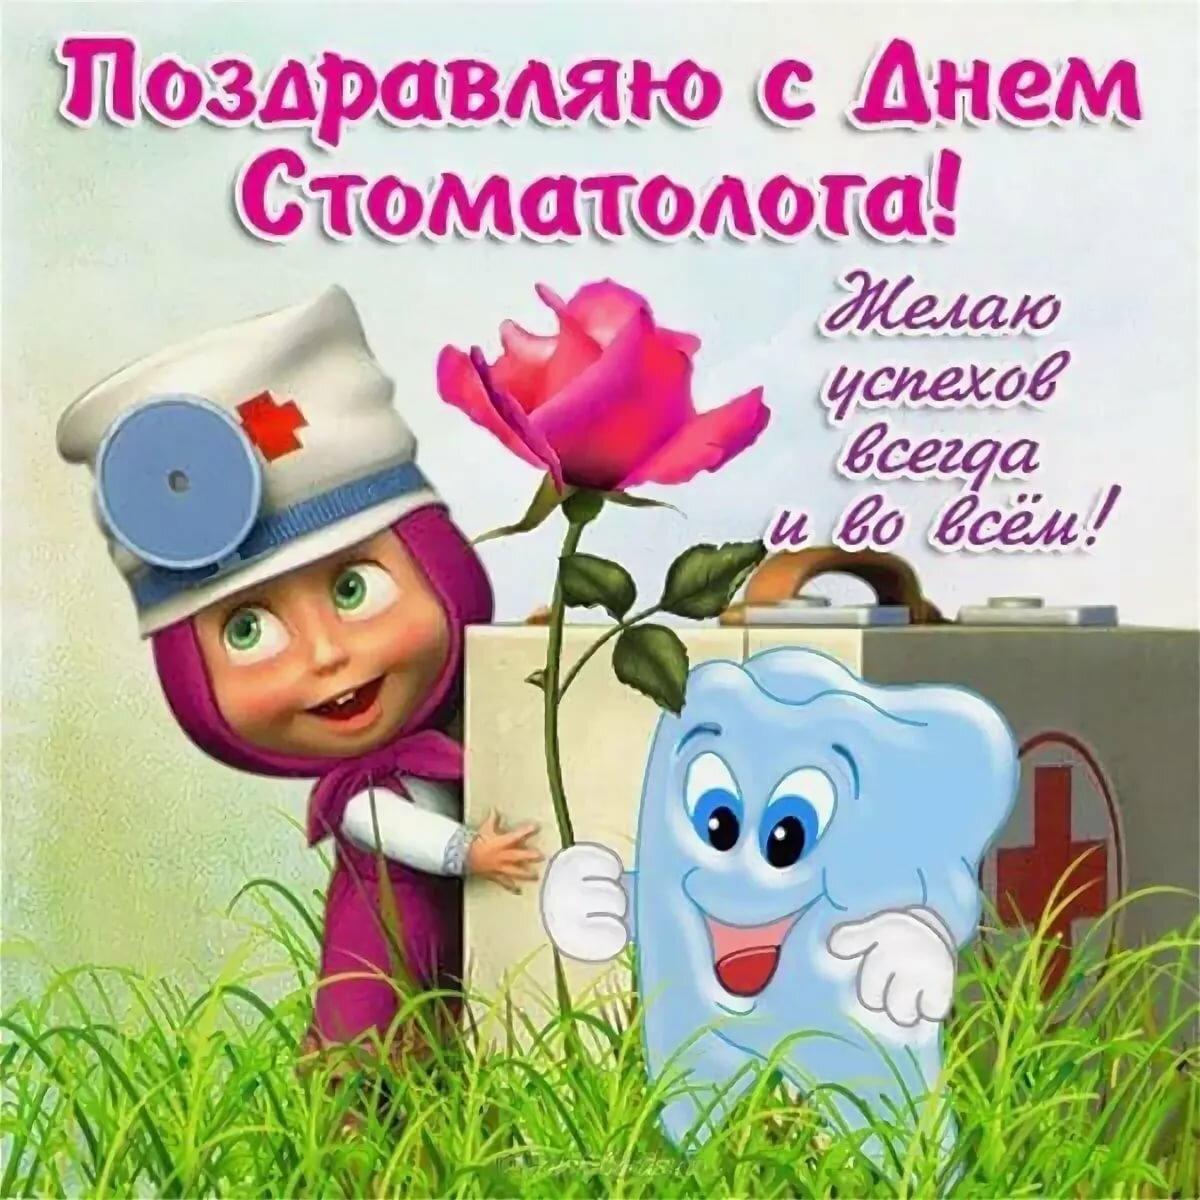 Открытки стоматология, сентября